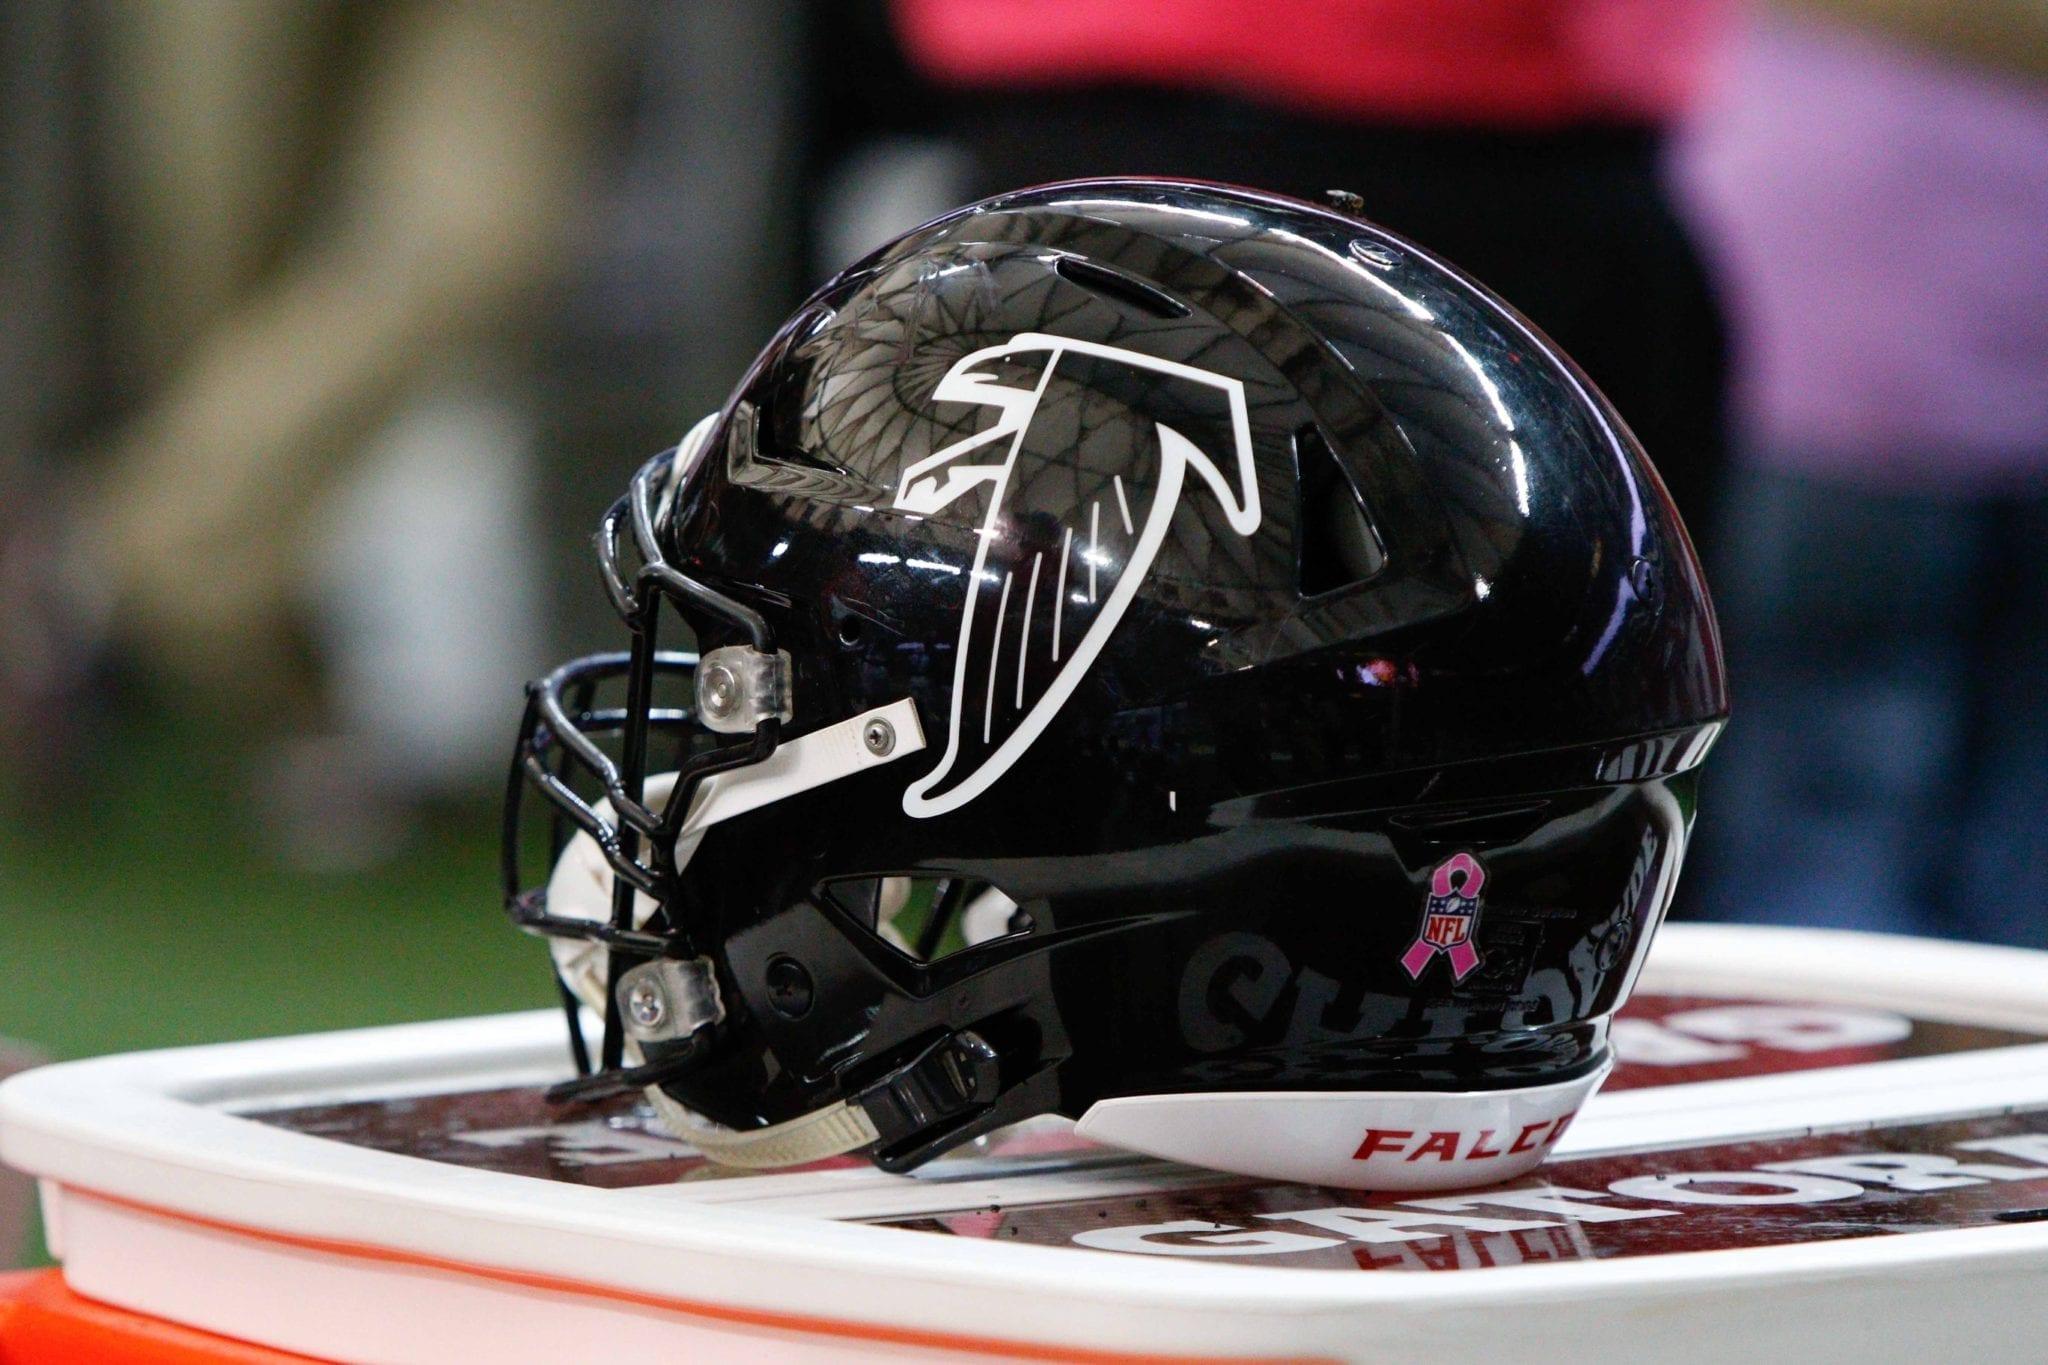 Falcons-helmet-2